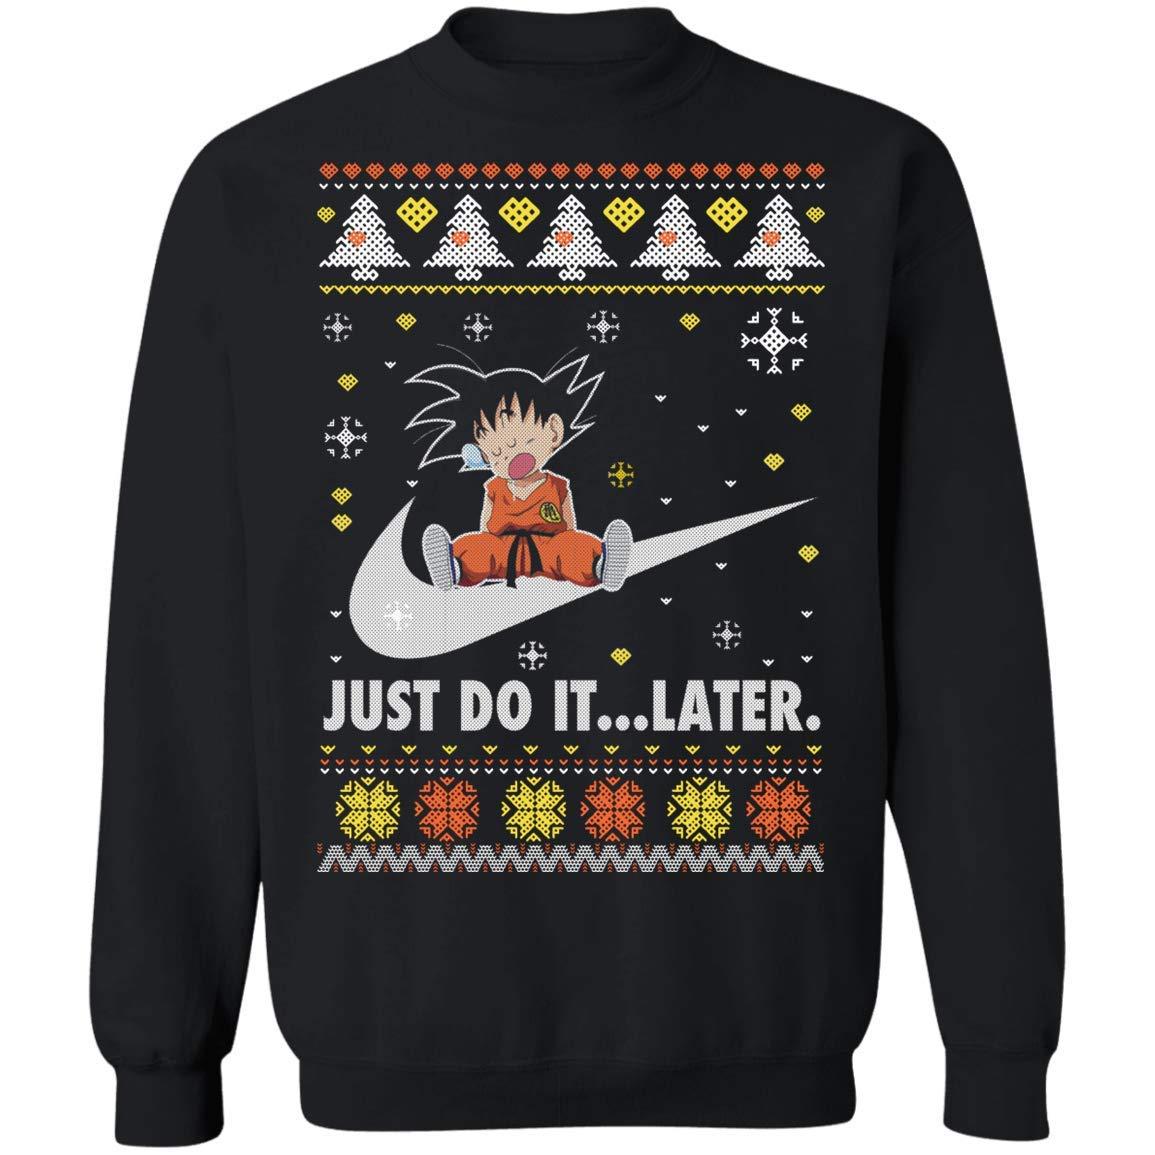 Dragon Ball Son Goku Ugly Christmas Saiyan Xmas Dragonball Z Crewneck Pullover Sweatshirt